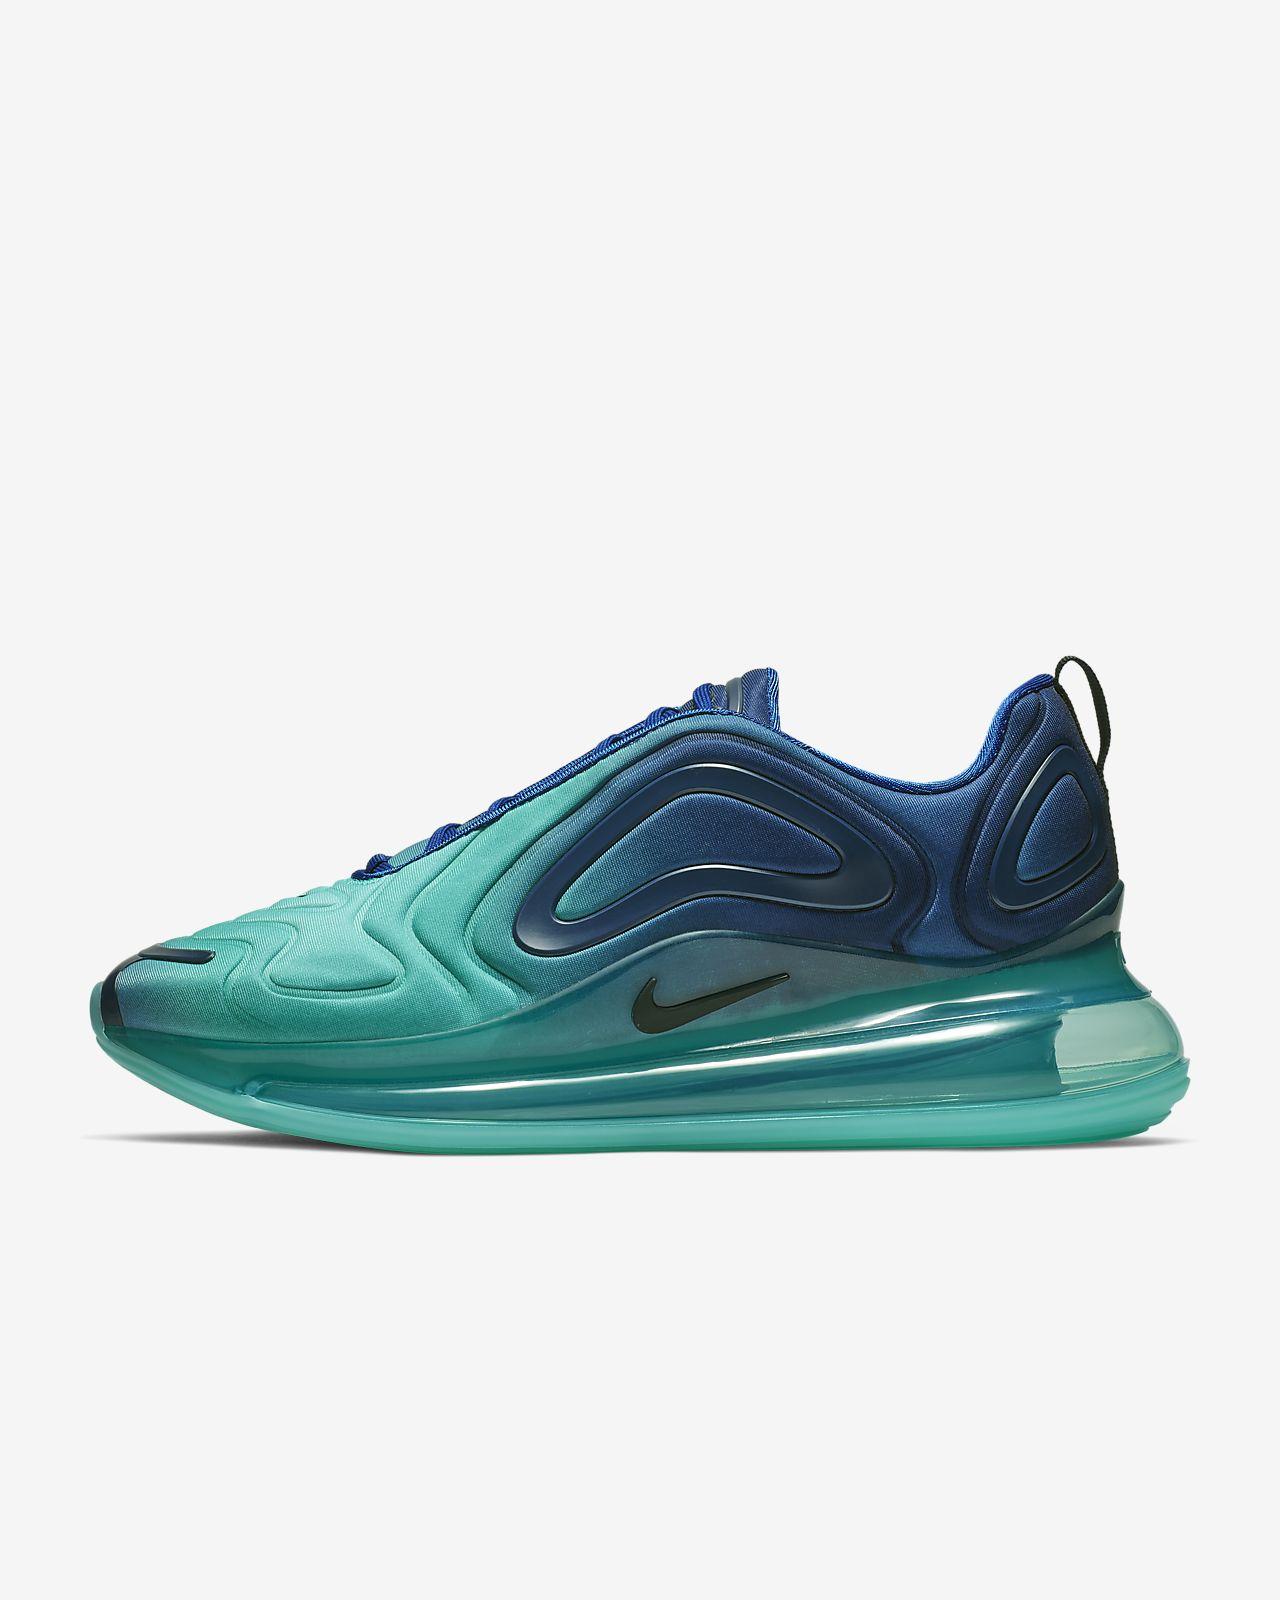 Nike Air Max 720 Erkek Ayakkabısı